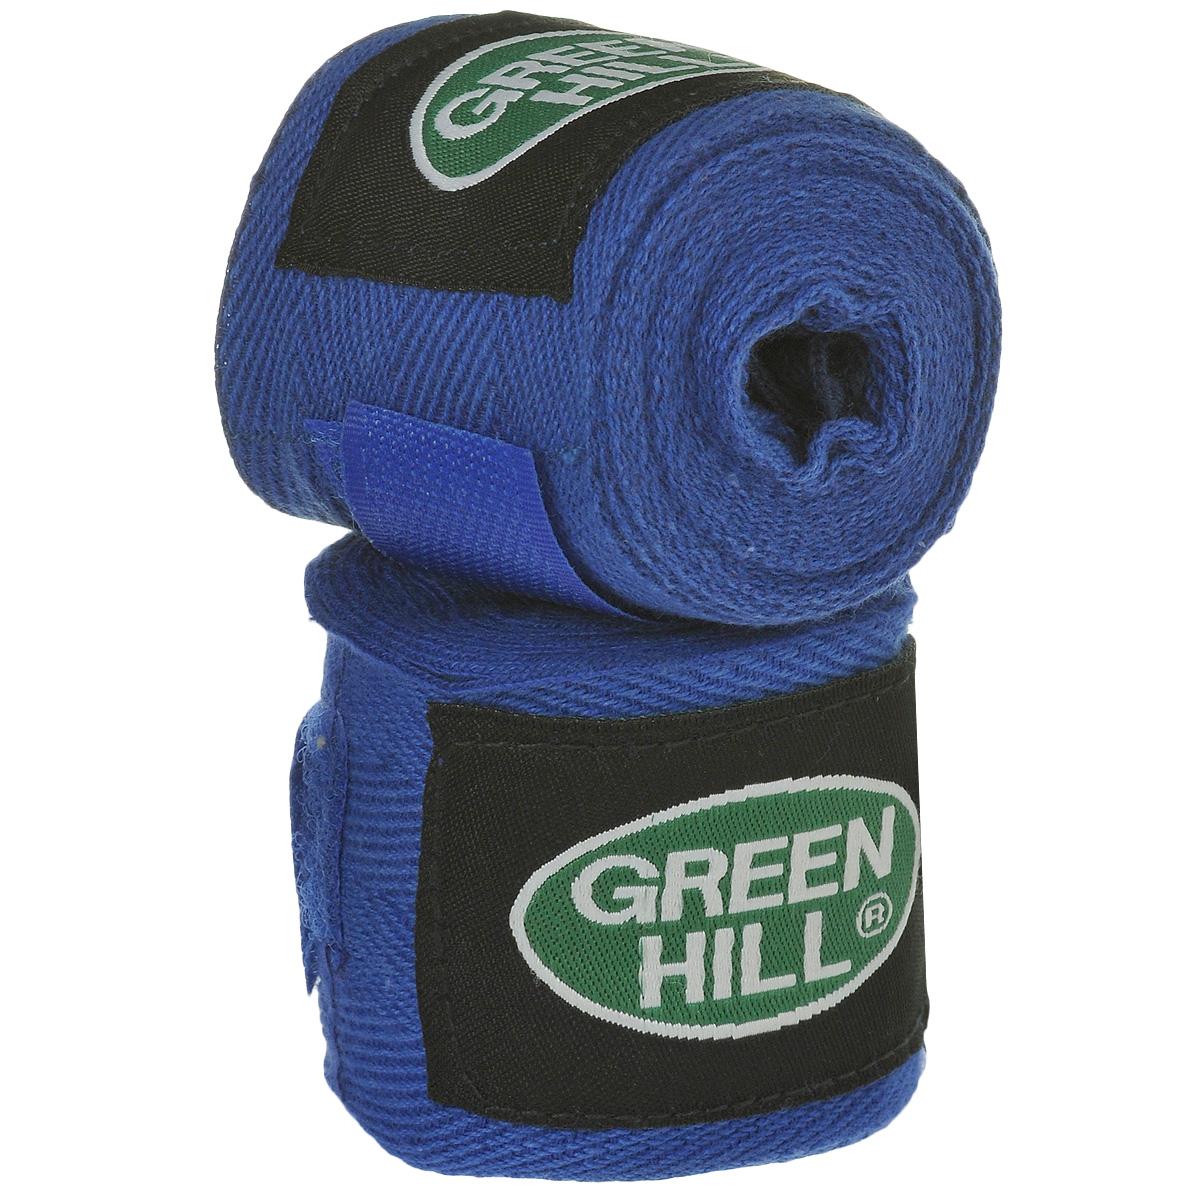 Бинты боксерские Green Hill, хлопок, цвет: синий, 2,5 м, 2 штВС-6235-25Бинты Green Hill предназначены для защиты запястья во время занятий боксом. Изготовлены из высококачественного хлопка. Бинты надежно закрепляются на руке застежкой на липучке.Длина бинтов: 2,5 м.